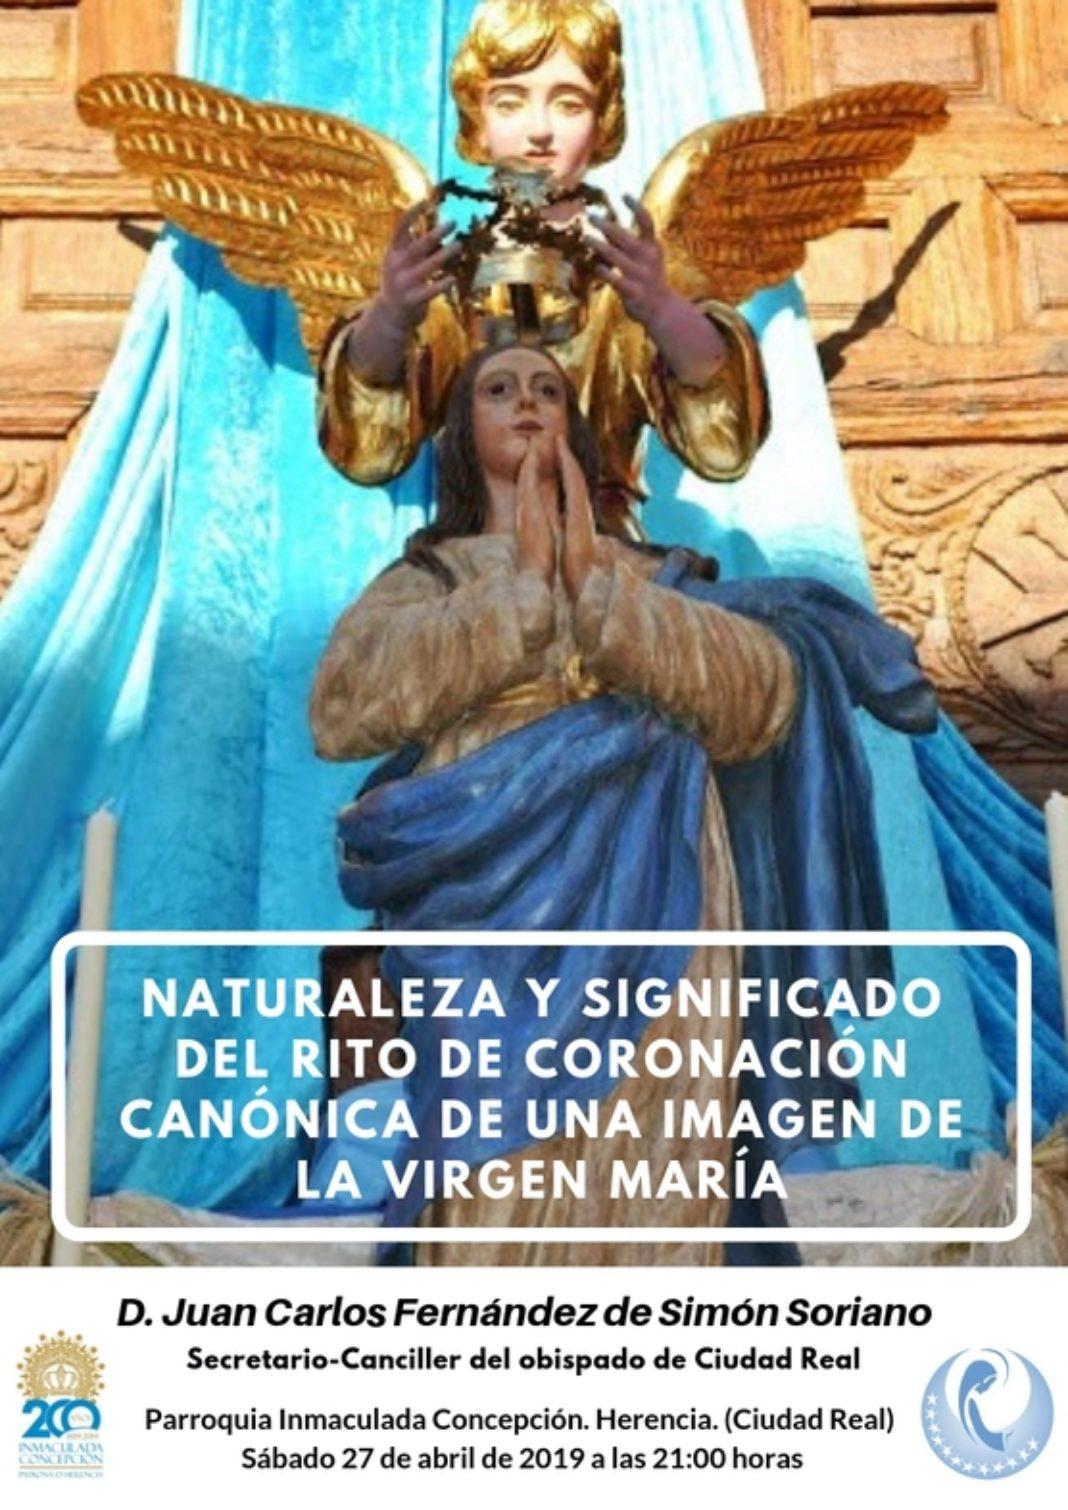 El secretario-canciller del obispado dará una conferencia sobre la coronación canónica de una imagen de la Virgen María 2